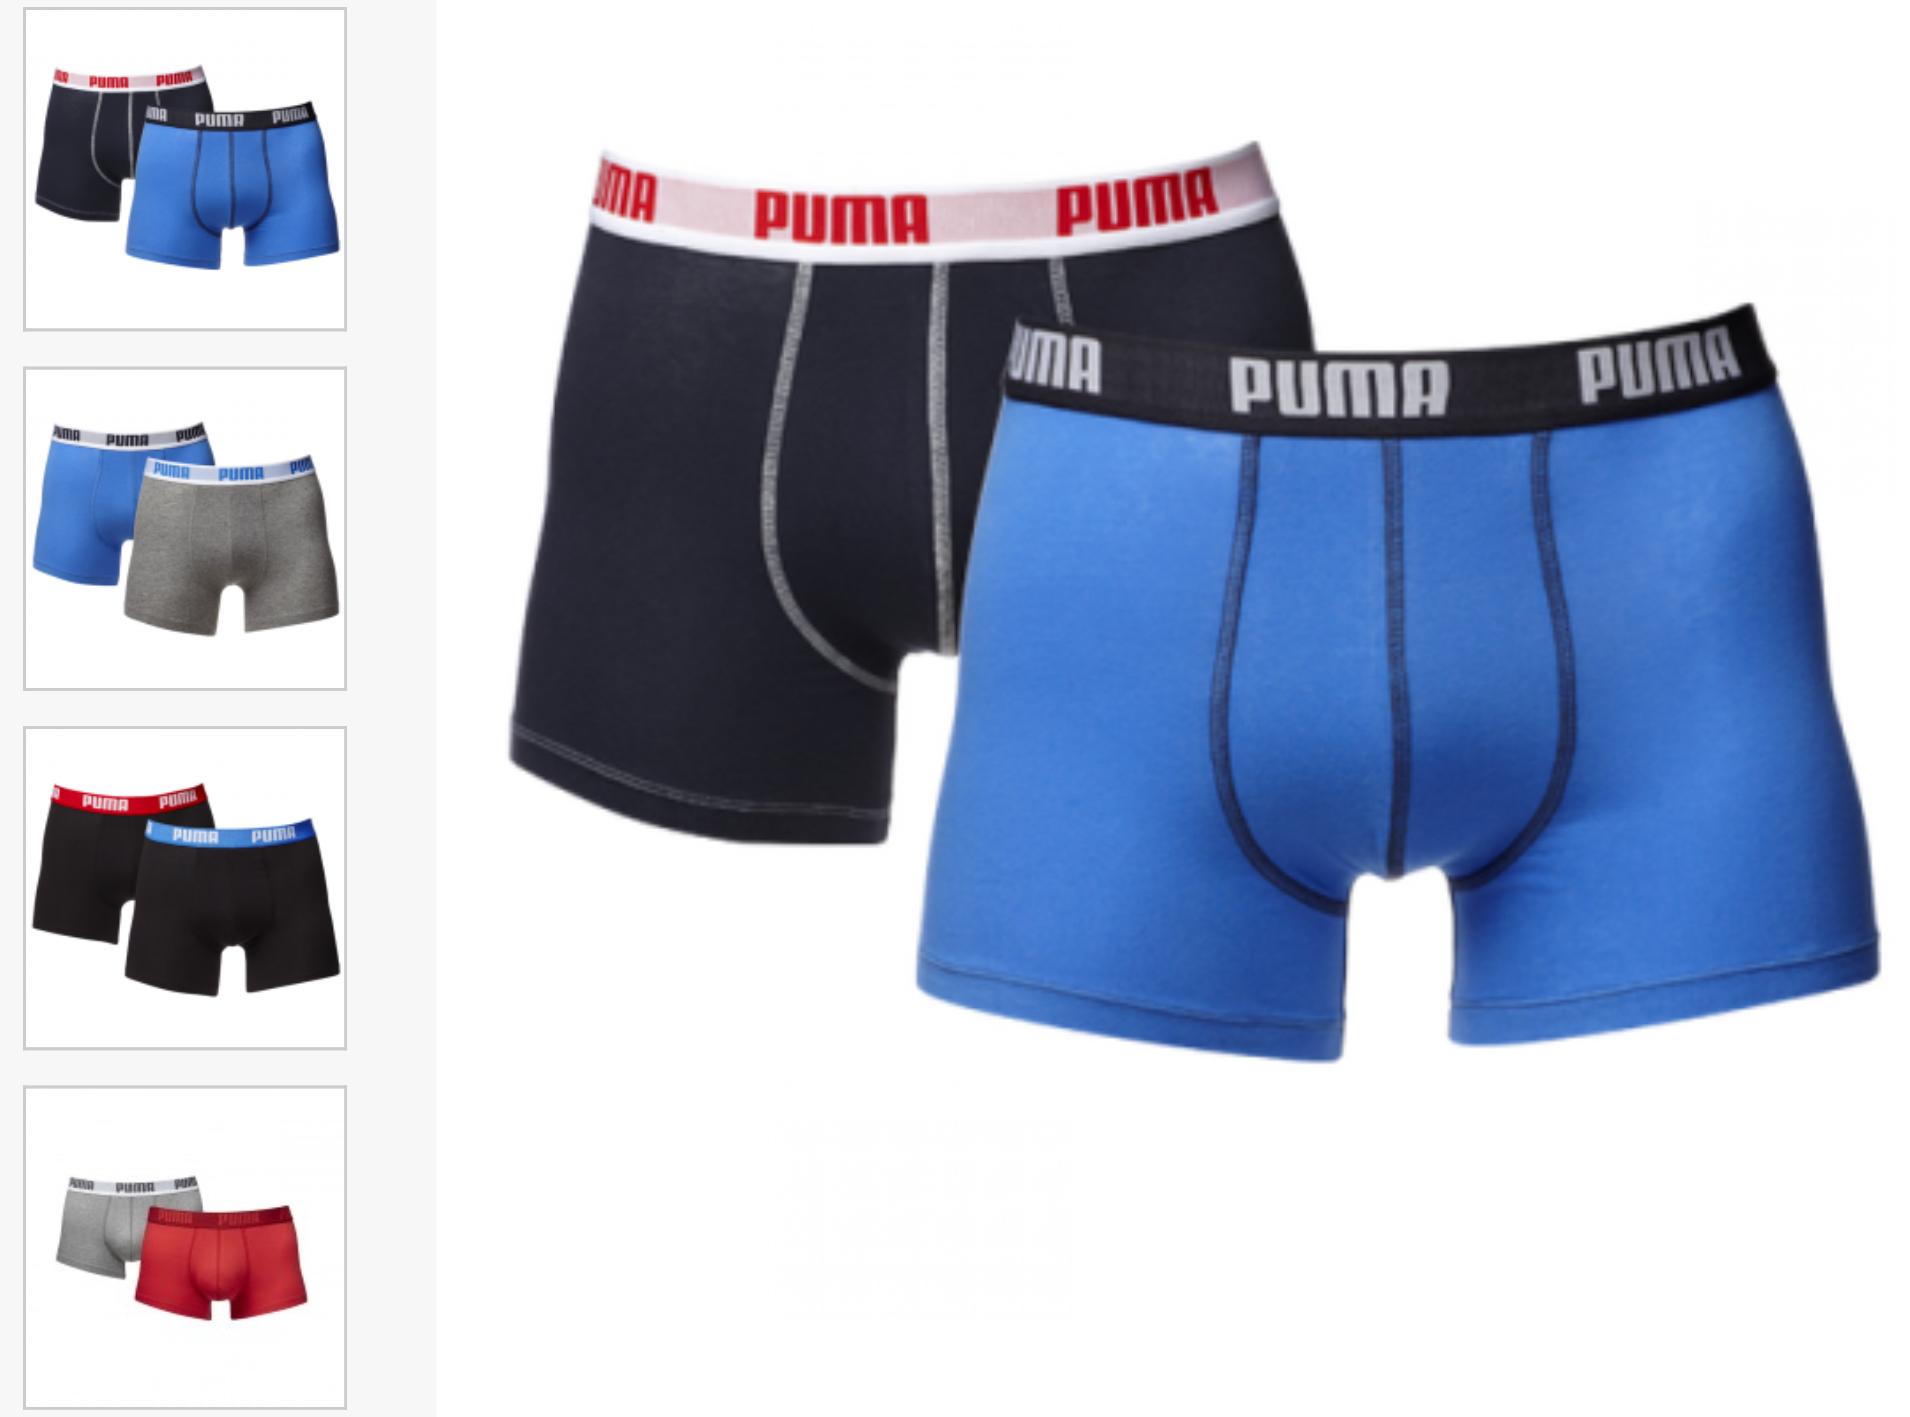 [mybodywear] 8 Puma Boxershorts diverse Ausführungen für 39,44€ (4,93€ p. Stück) oder Junior für 34,68€